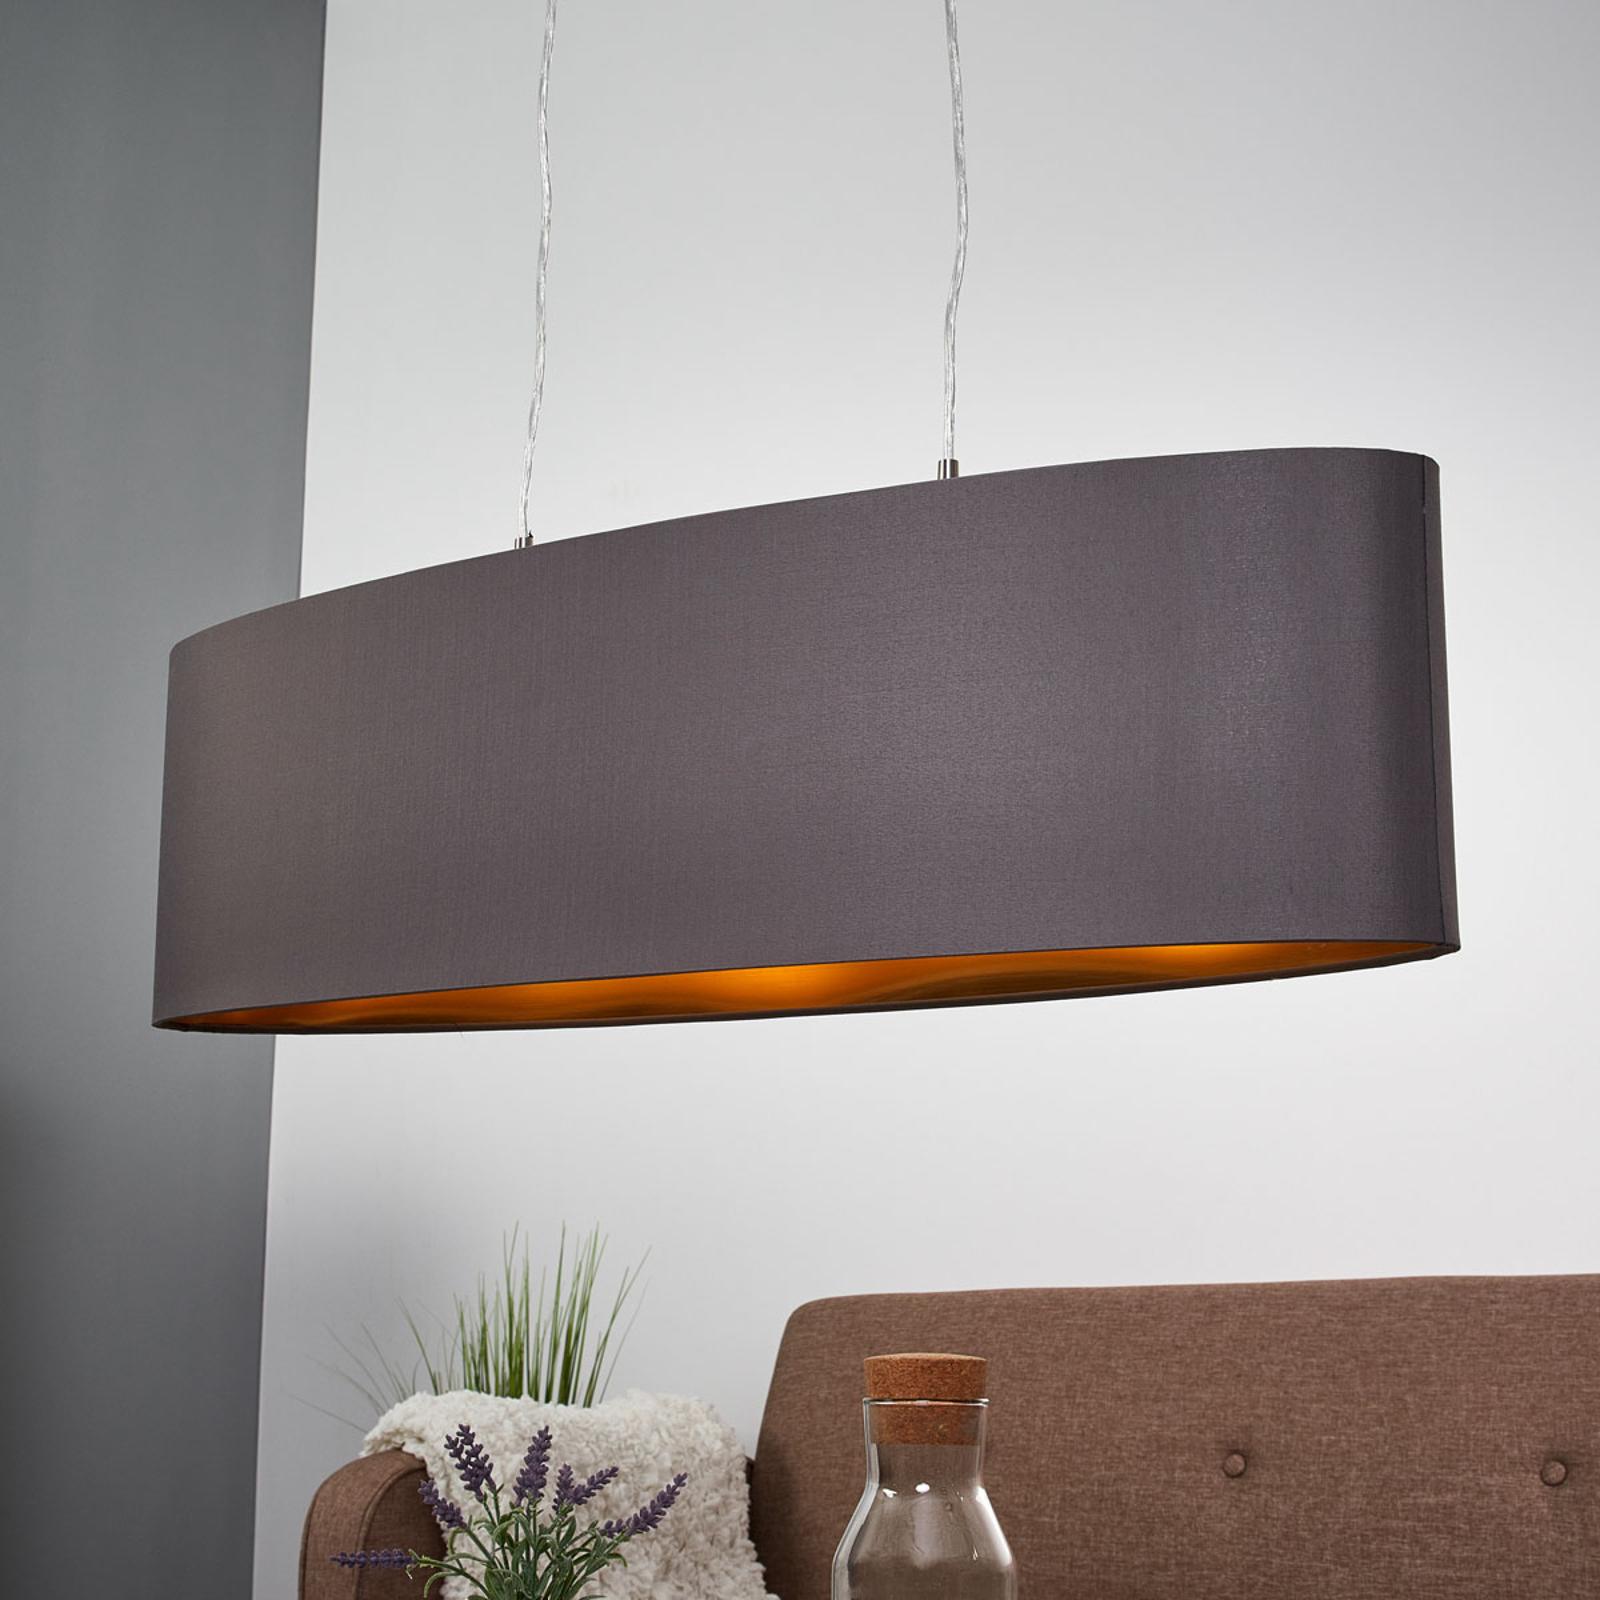 Textil-Hängeleuchte Lecio, oval, 78 cm, schwarz